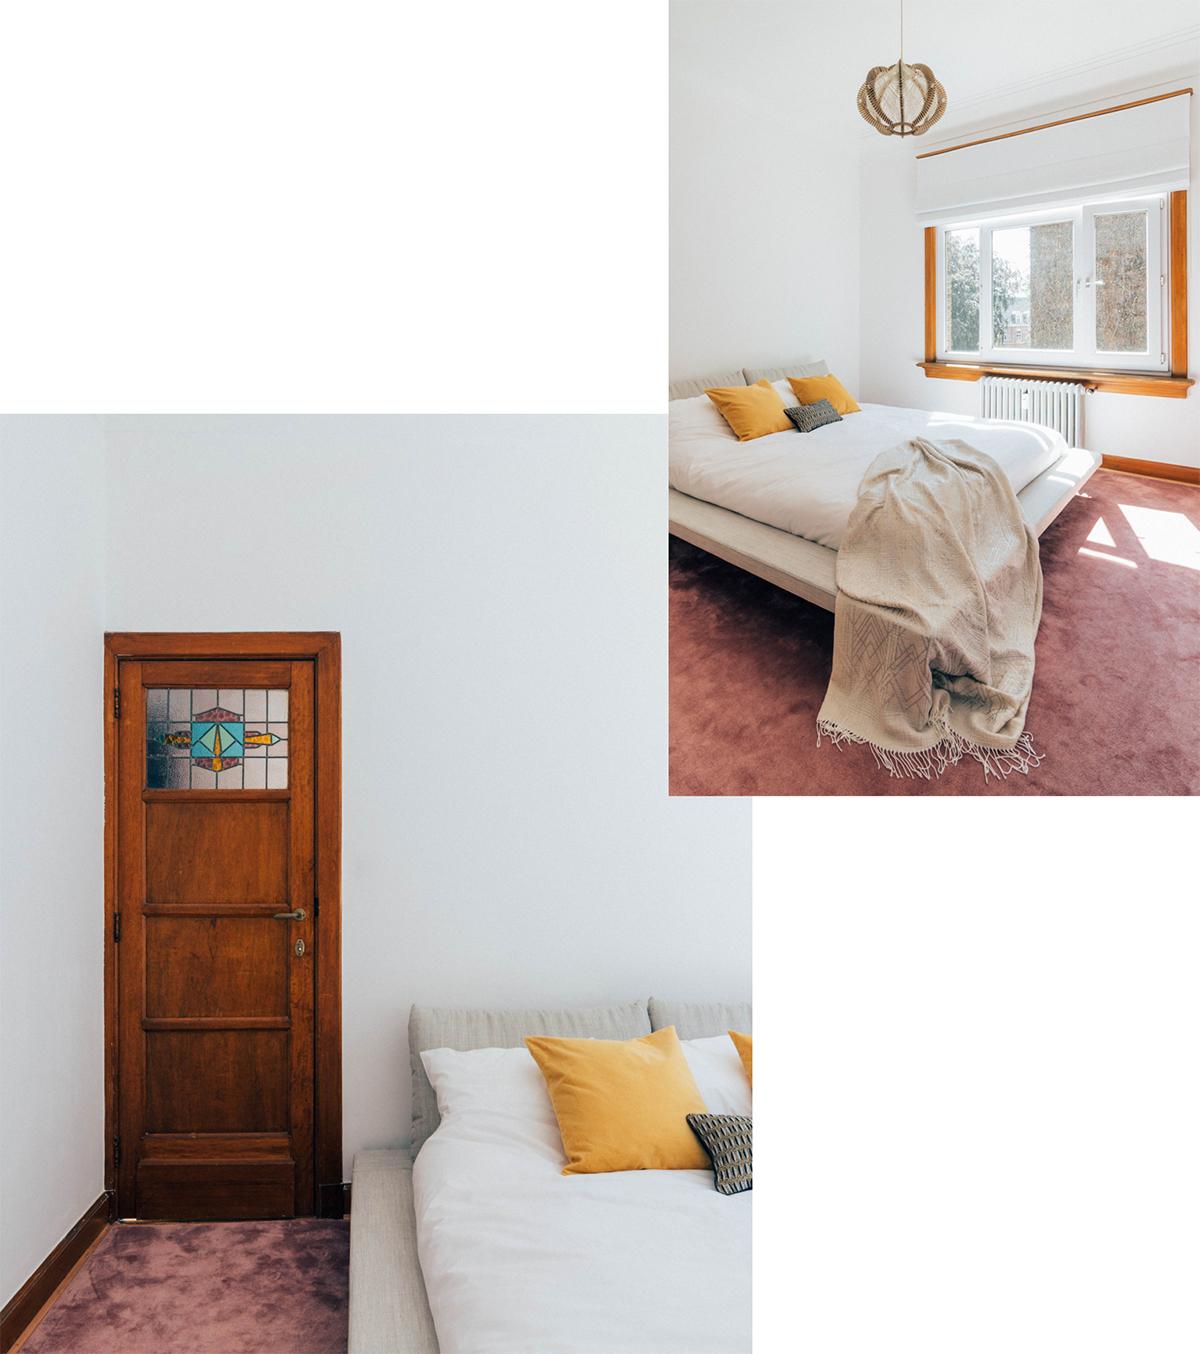 WORK_ Opum Development by Hannelore Veelaert for aupaysdesmerveillesblog.be